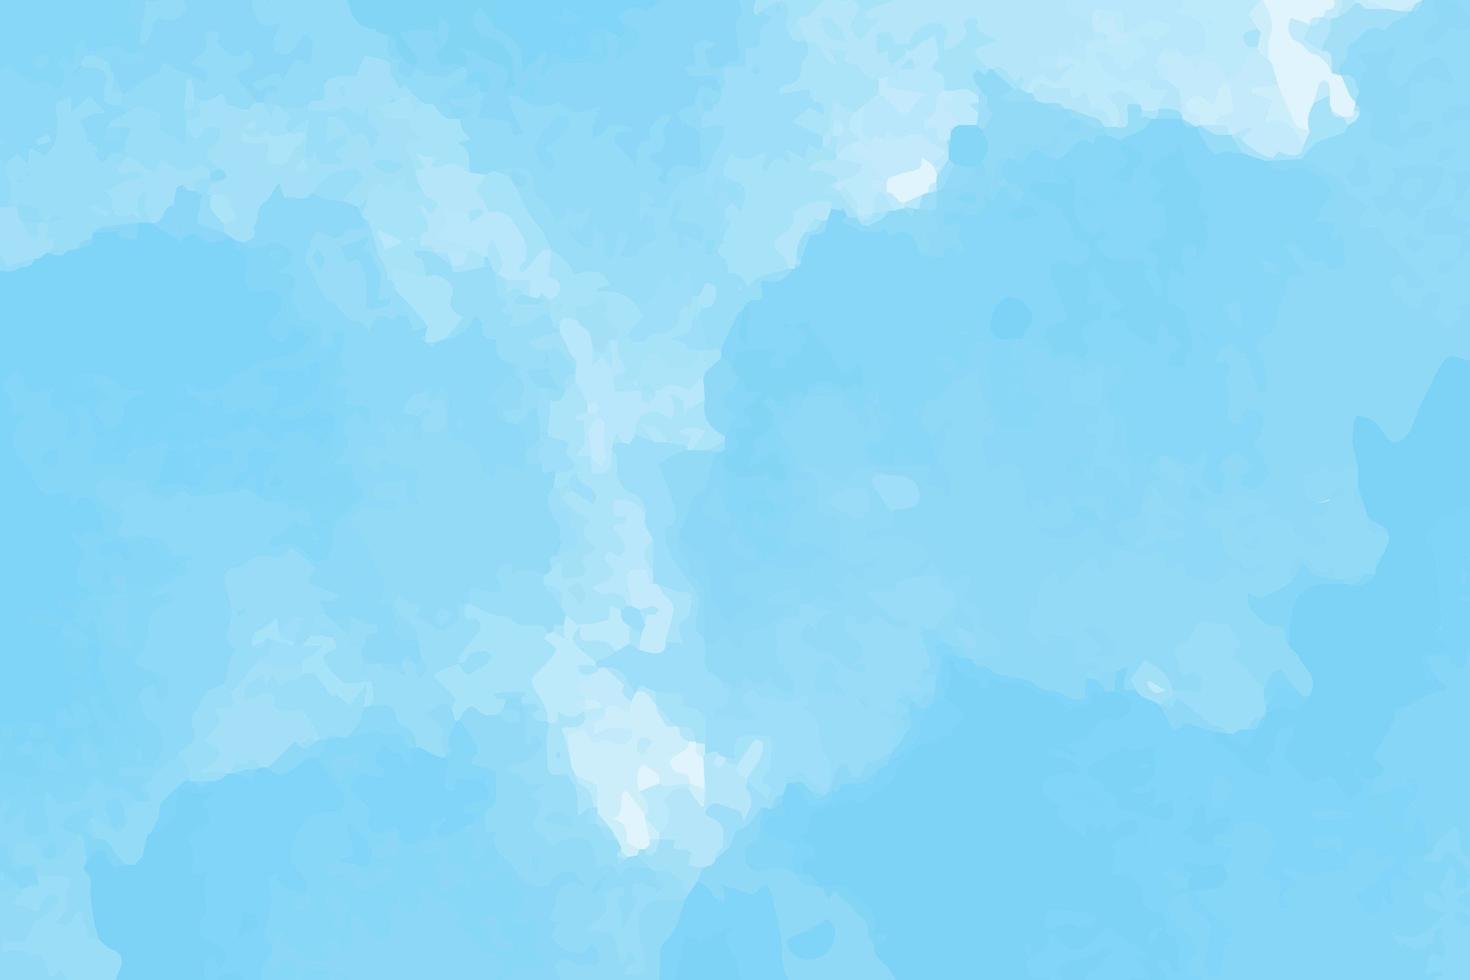 blå akvarell himmel bakgrund vektor